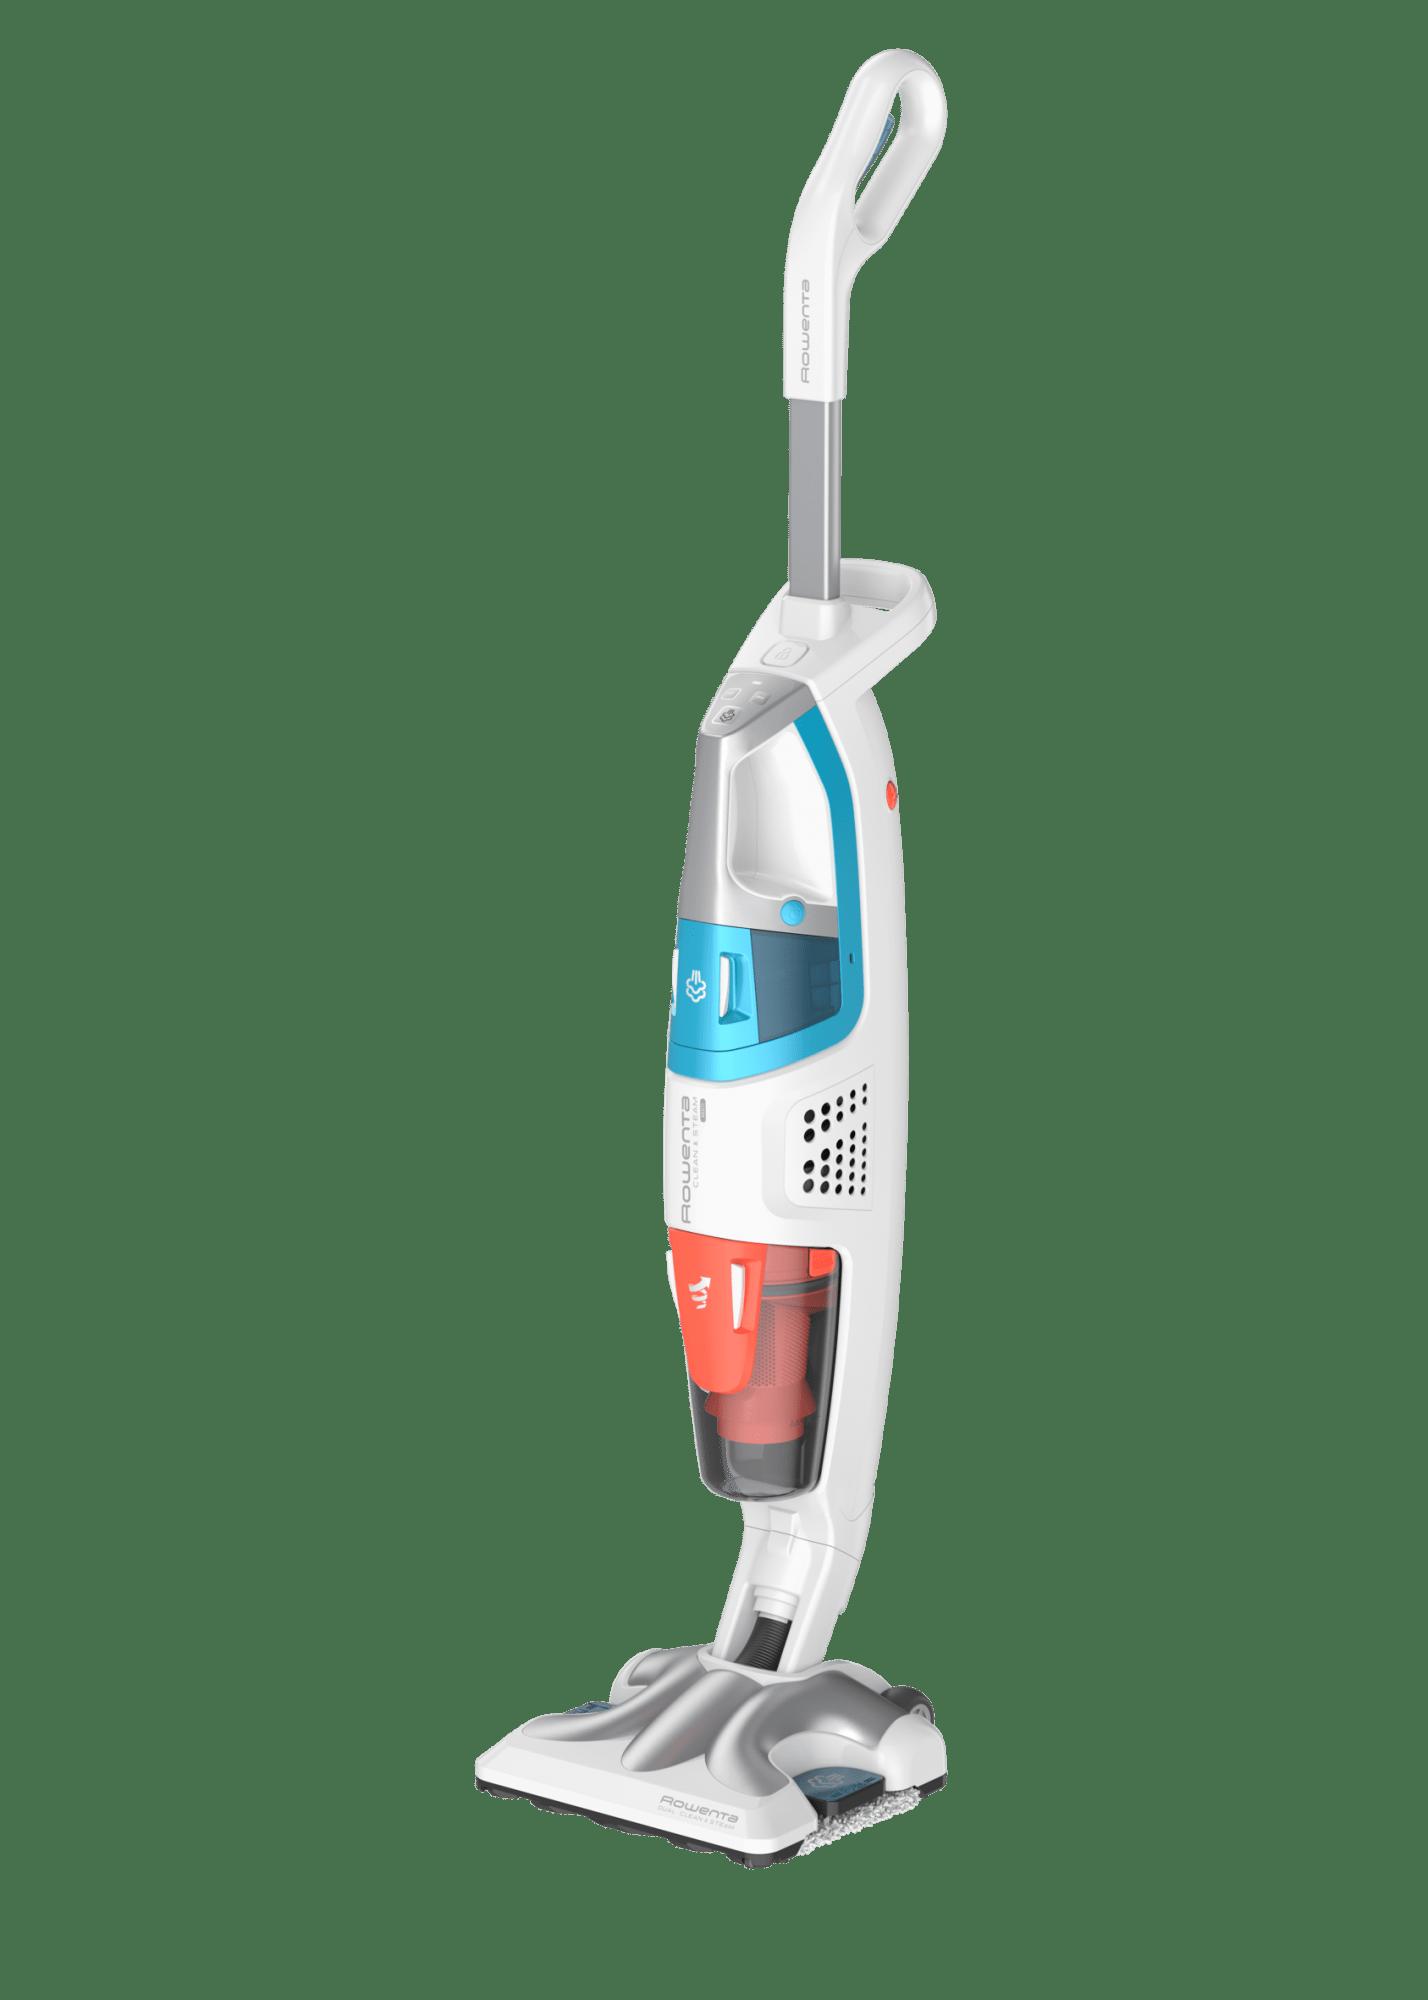 Rowenta propone tre nuove soluzioni per l'igiene della casa